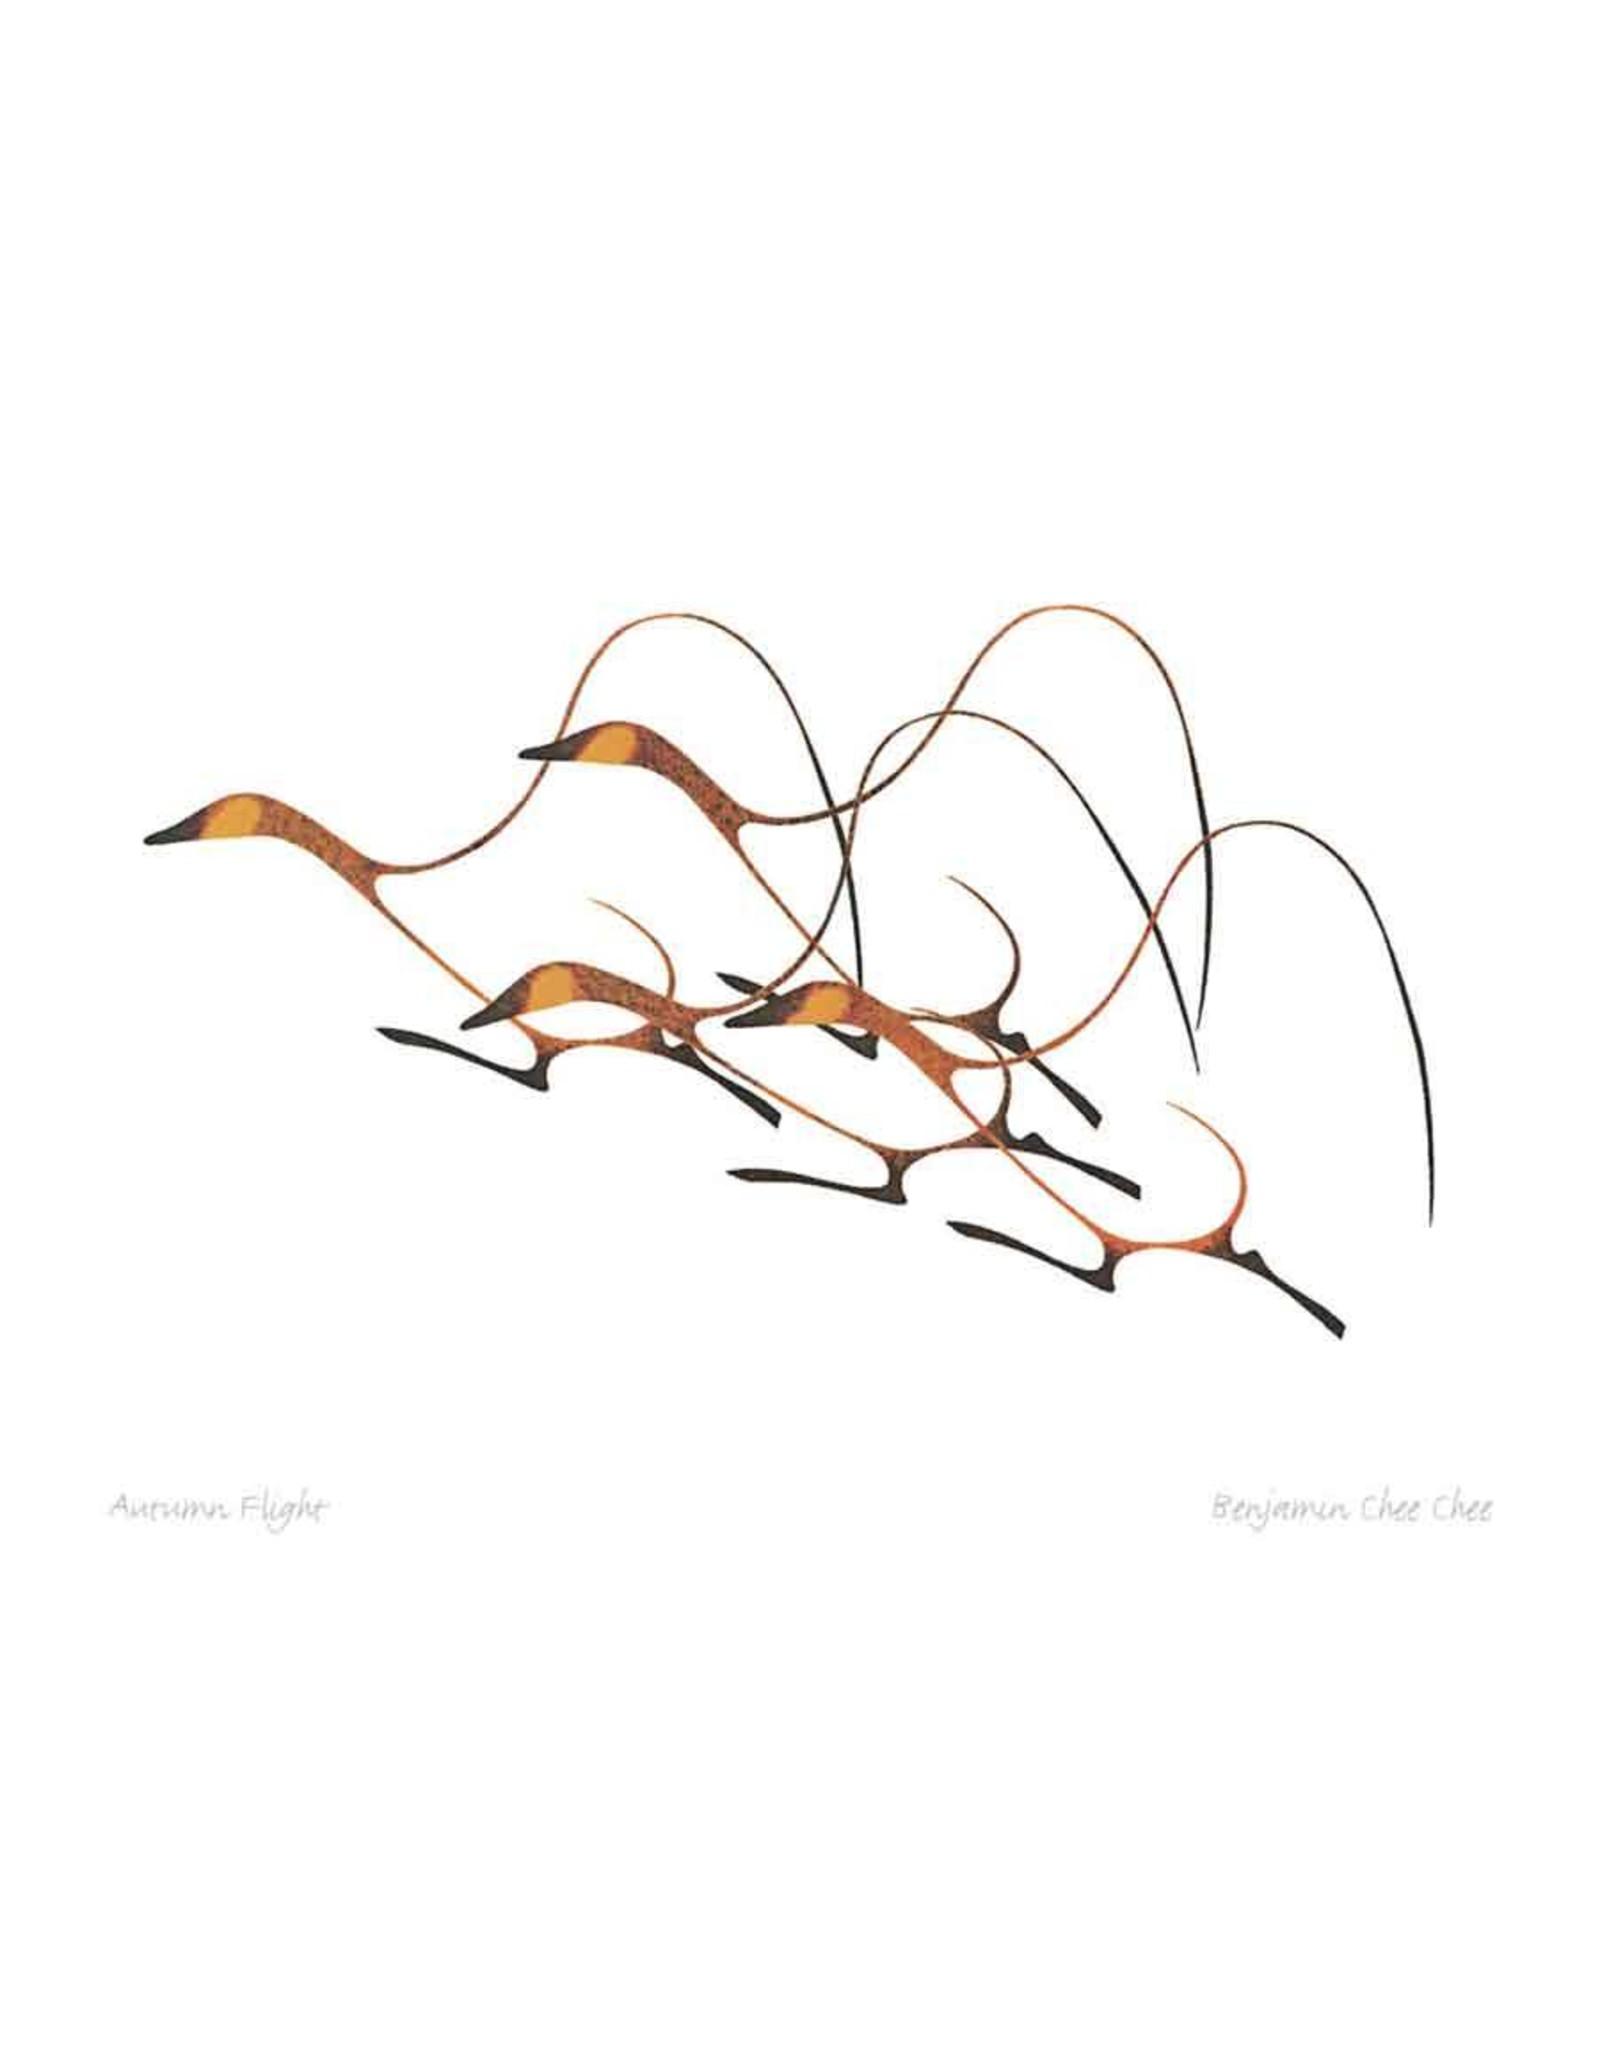 Autumn Flight par Benjamin Chee Chee Encadrée